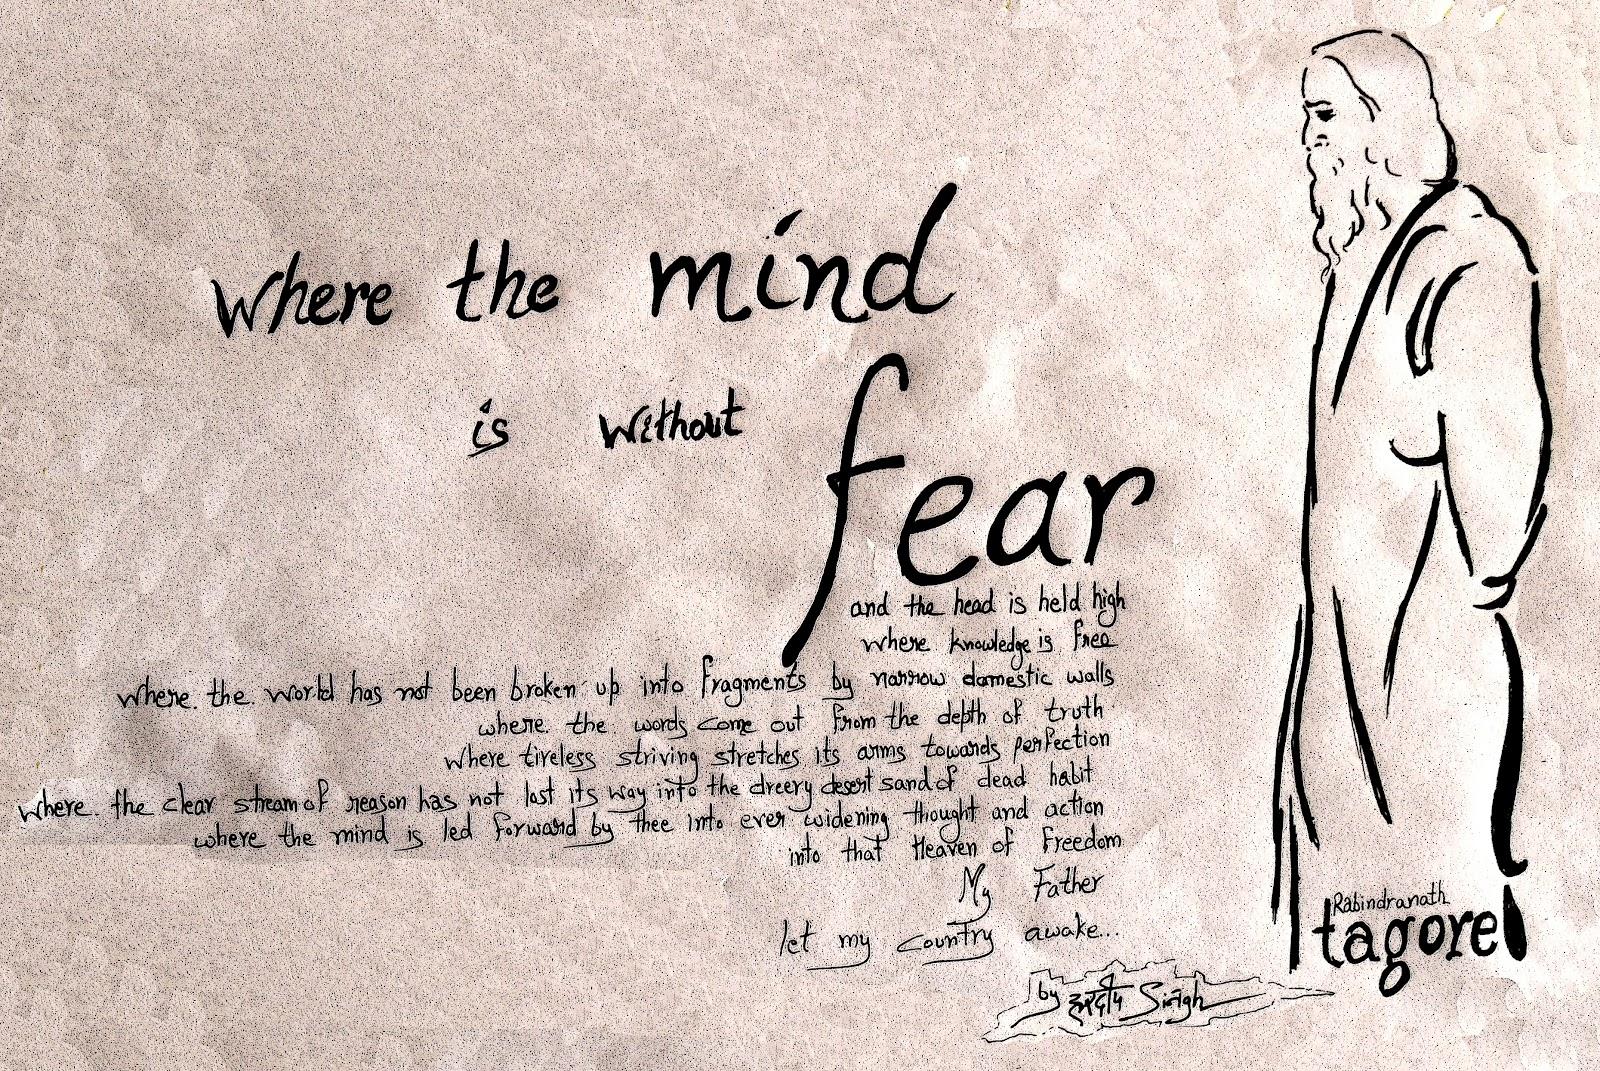 rabindranath tagore a versatile genius legends treasures rabindranath tagore a mind out fear